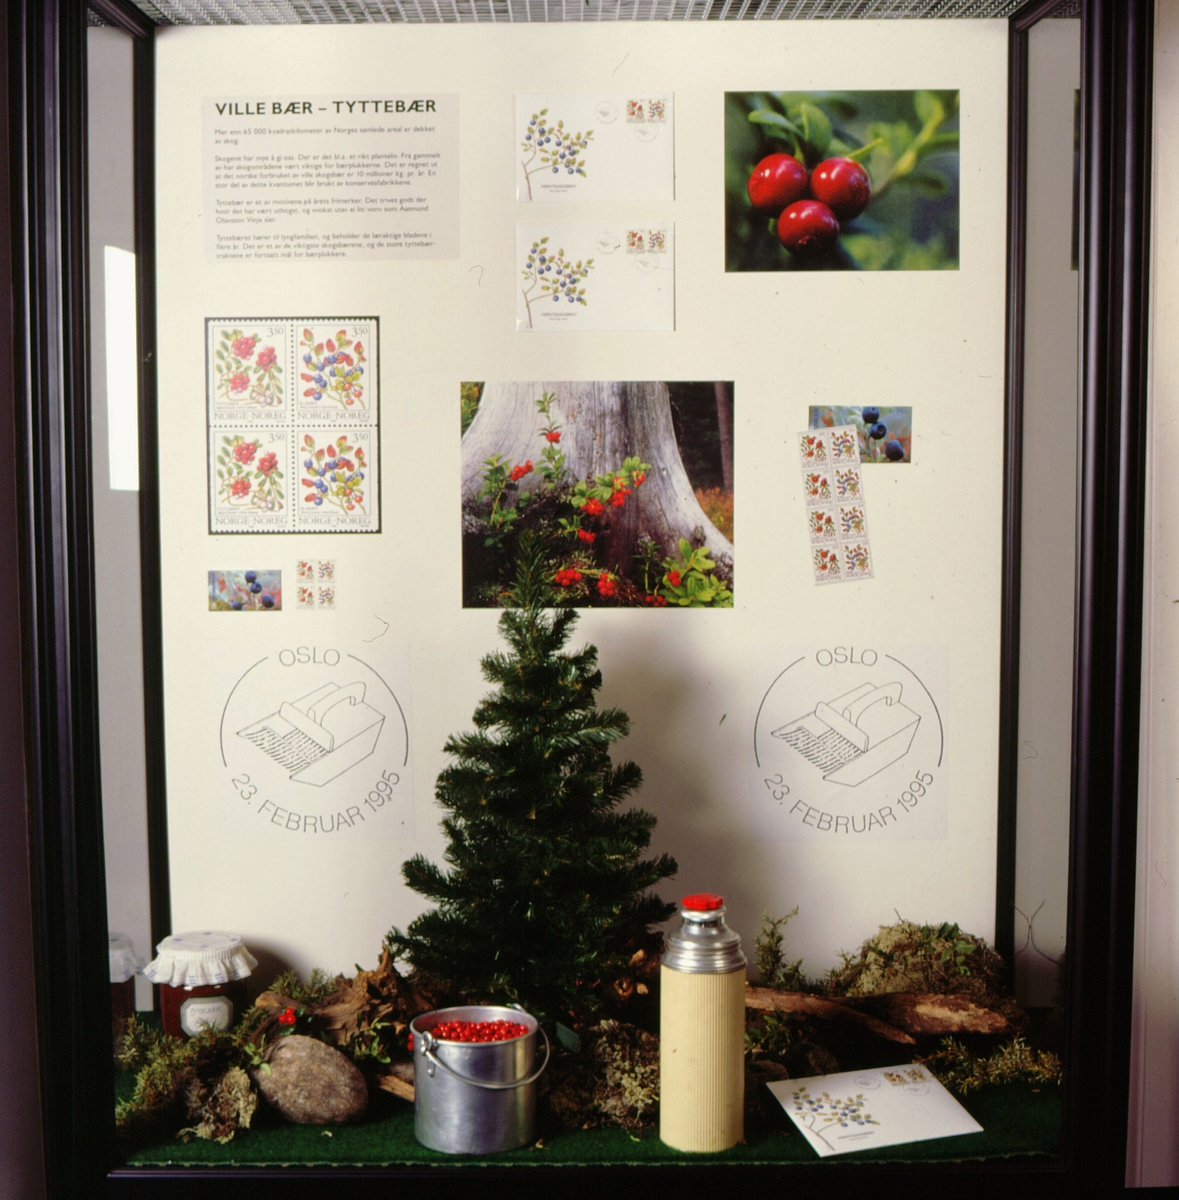 postmuseet, Kirkegata 20, utstilling, frimerker, NK 1223, skogsbær, tyttebær, 23. februar 1995, termos, spann, grantre, syltetøykrukke